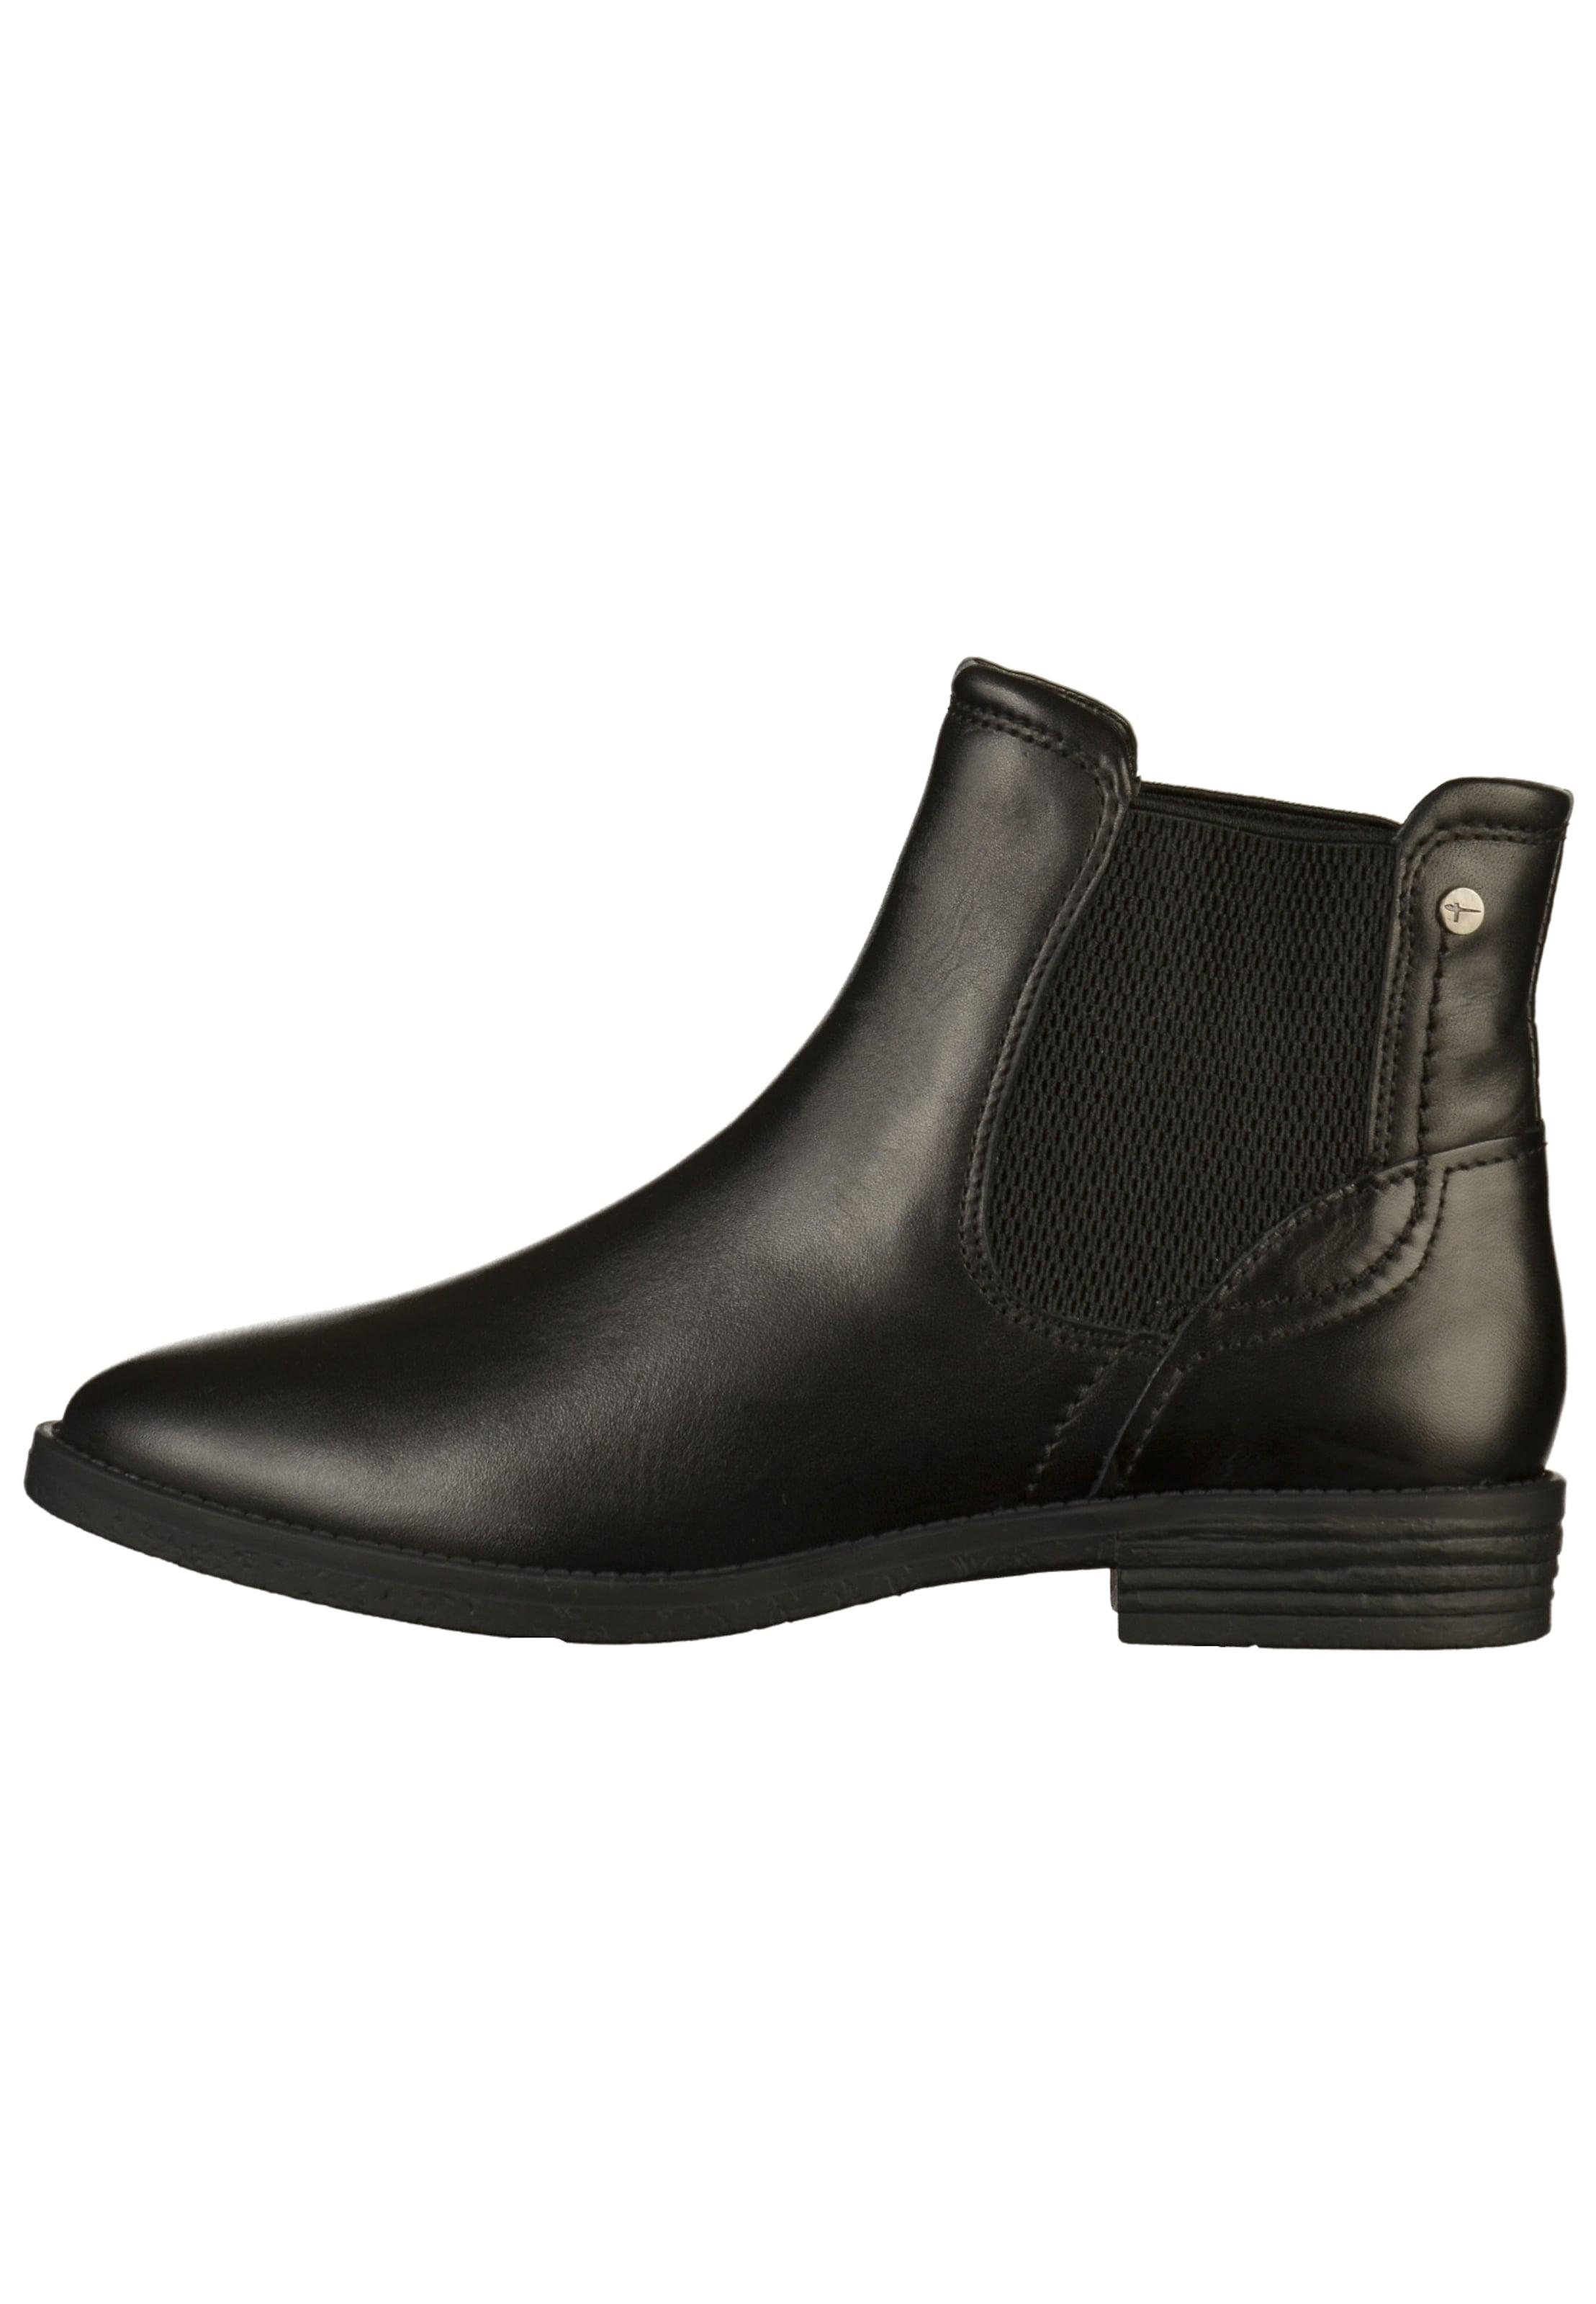 online store 03694 80c60 Boots Tamaris Chelsea Boots Chelsea In In Tamaris Zwart ...